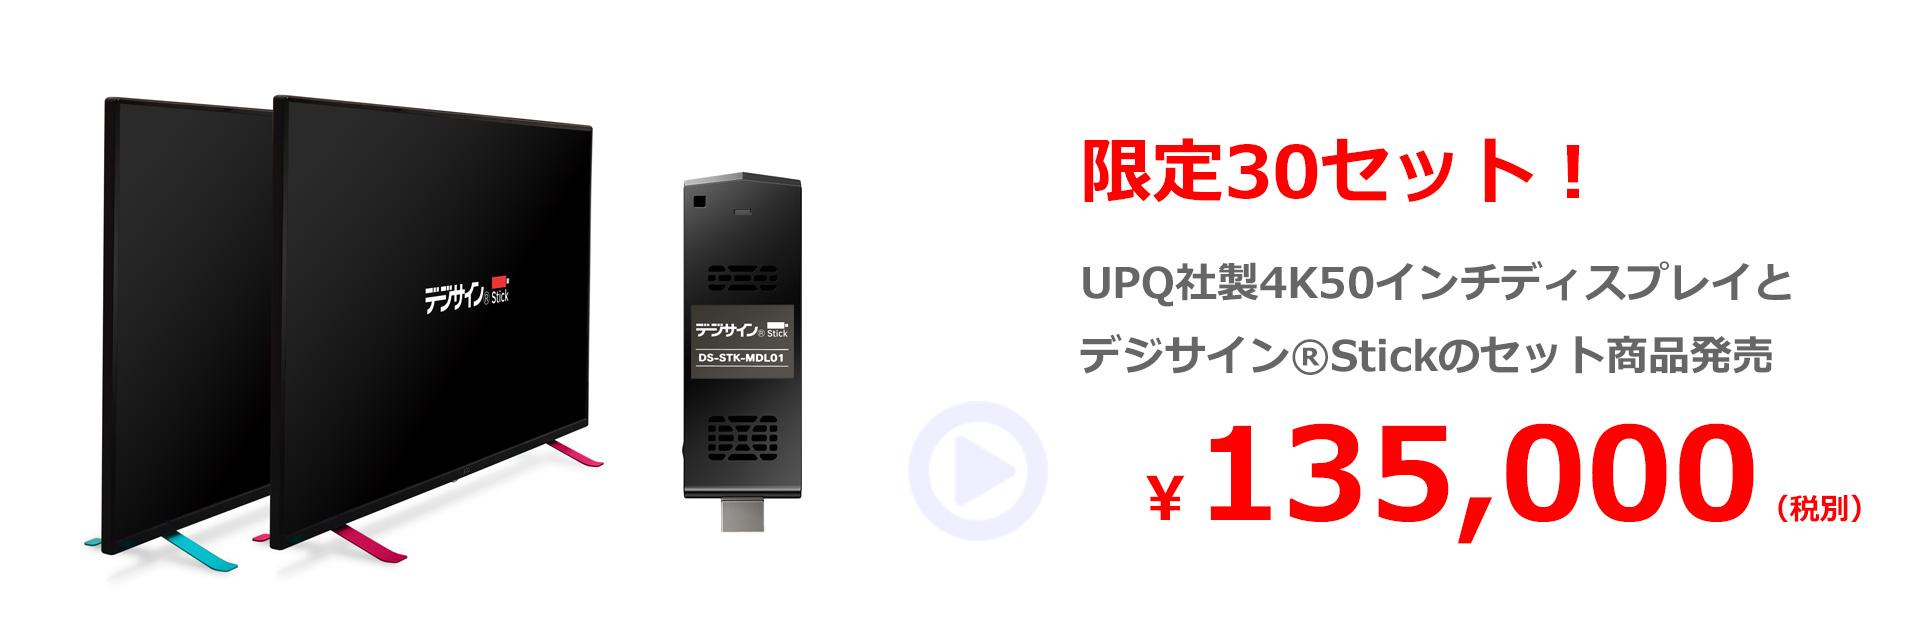 限定30セット!UPQ社製4K50インチディスプレイとデジサイン®Stickのセット商品発売